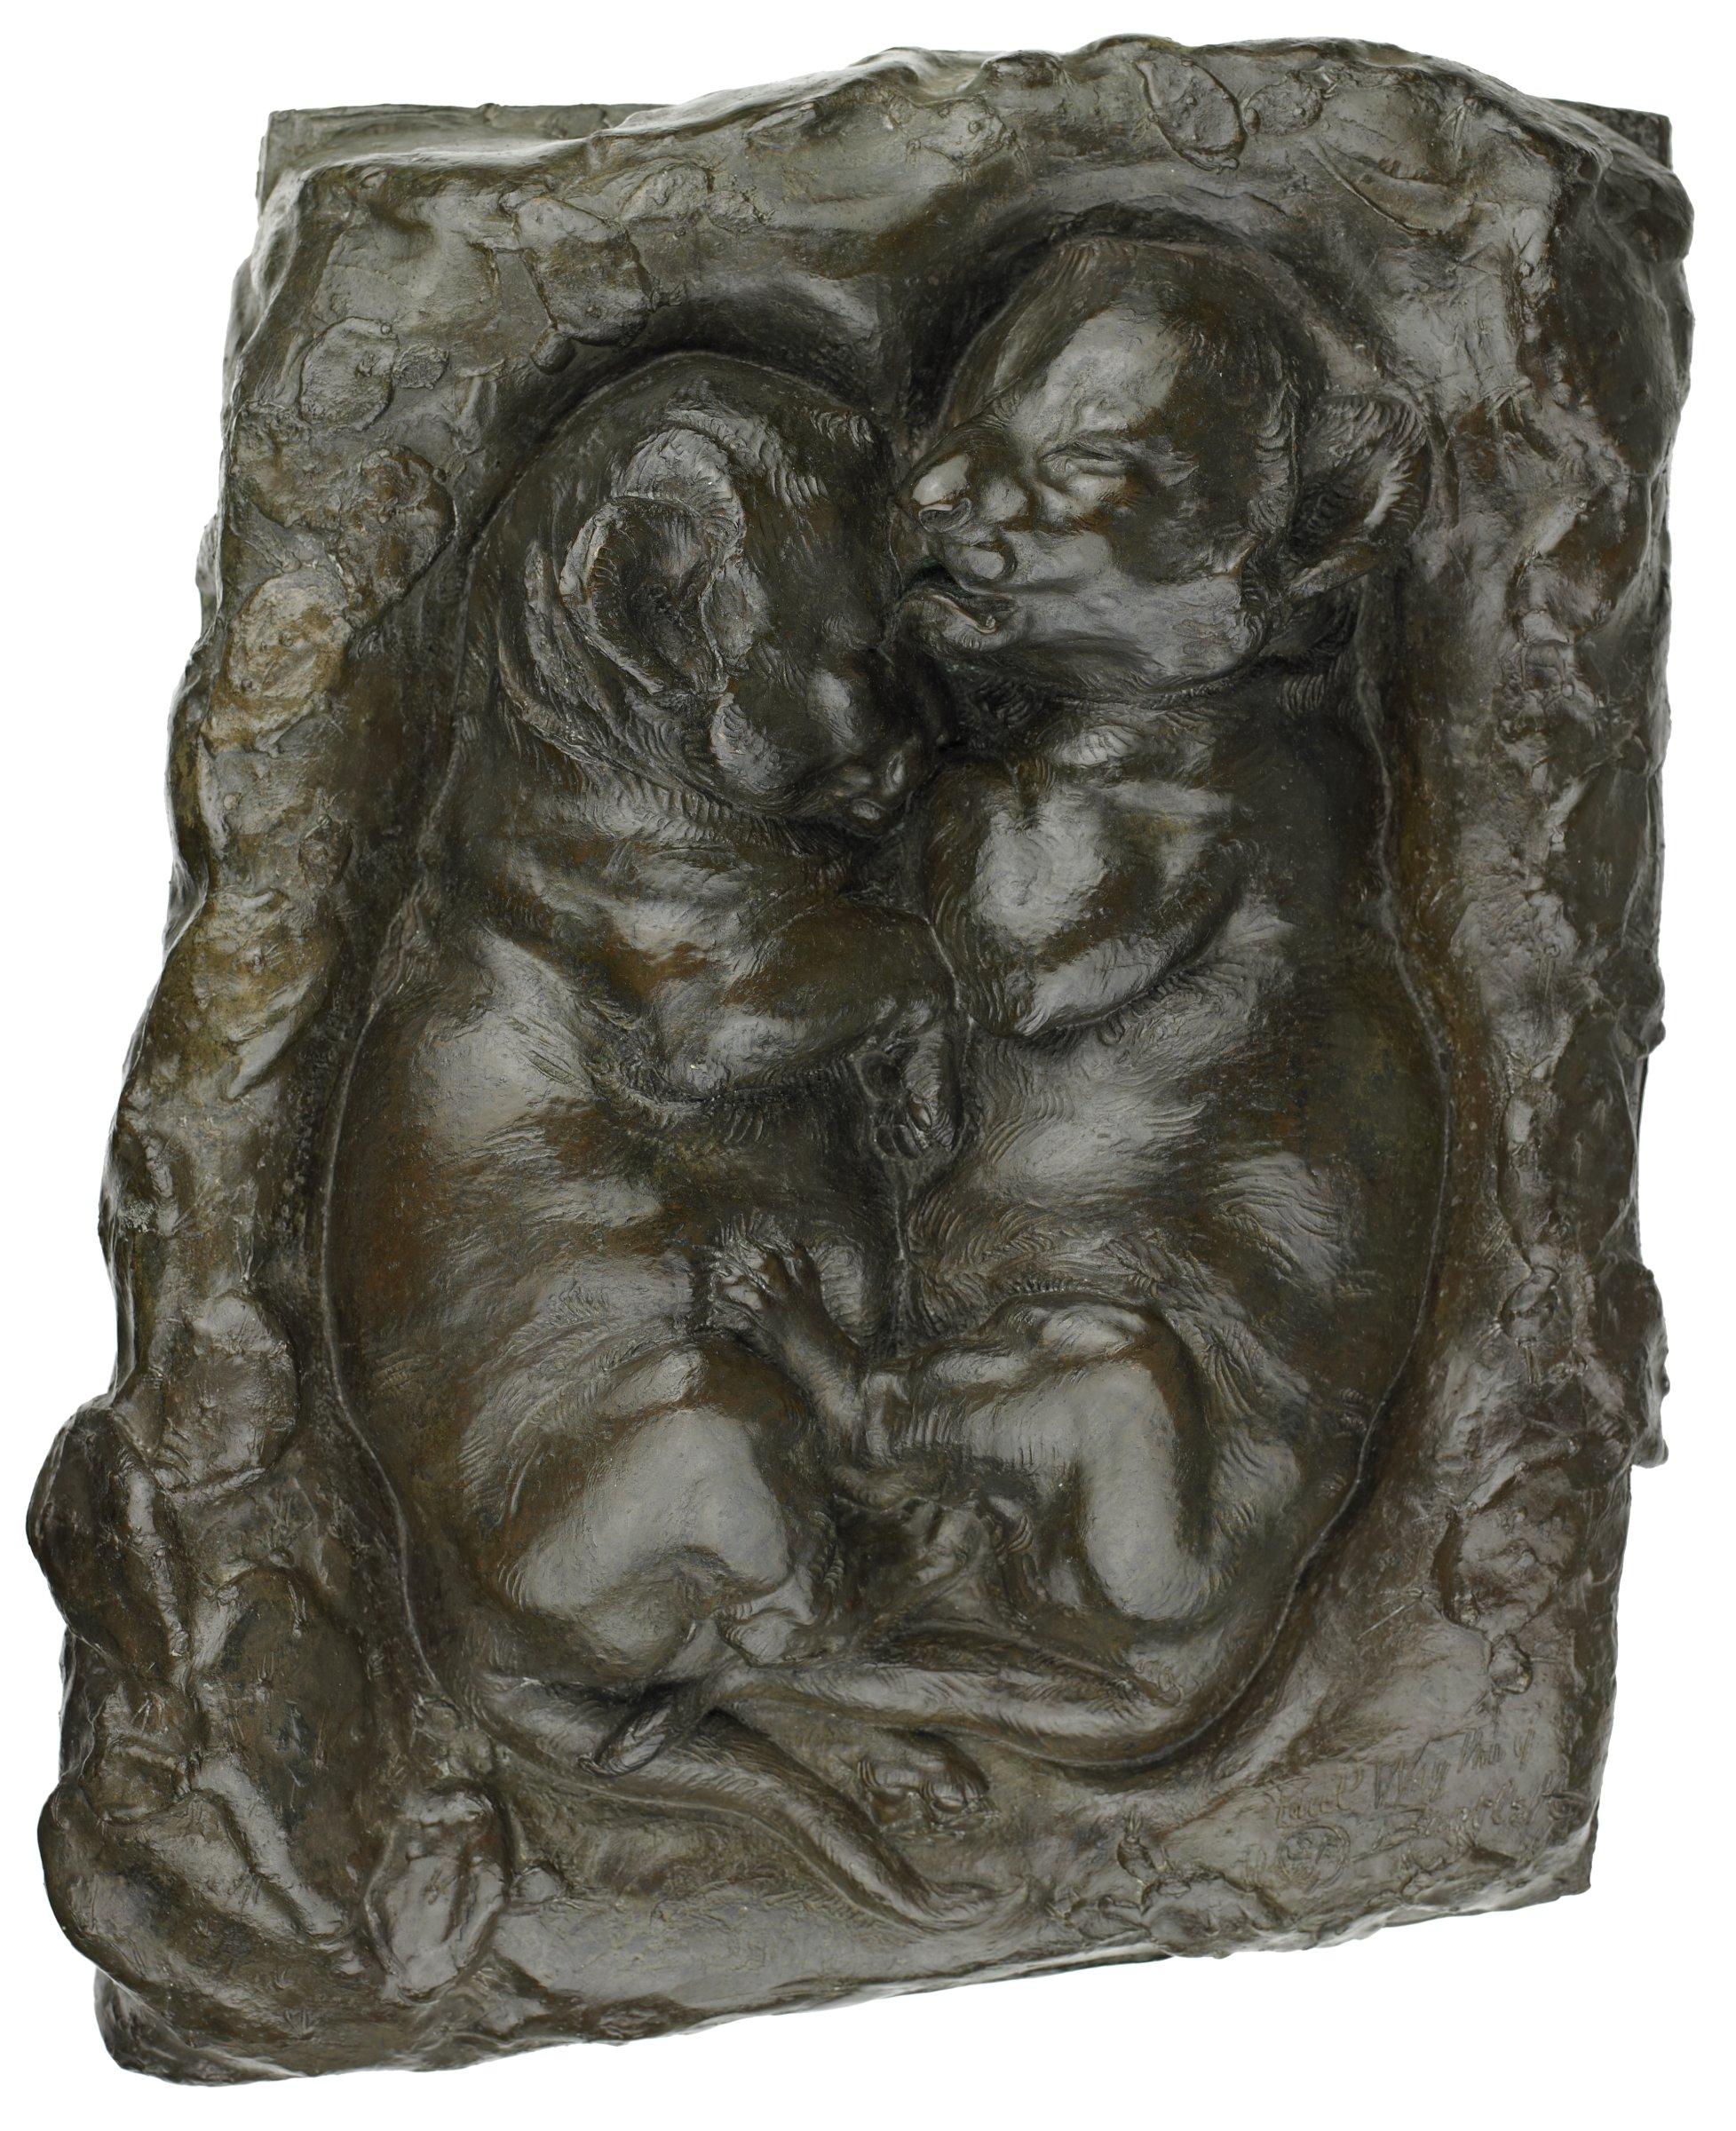 Lion Cubs, Paul Wayland Bartlett, bronze